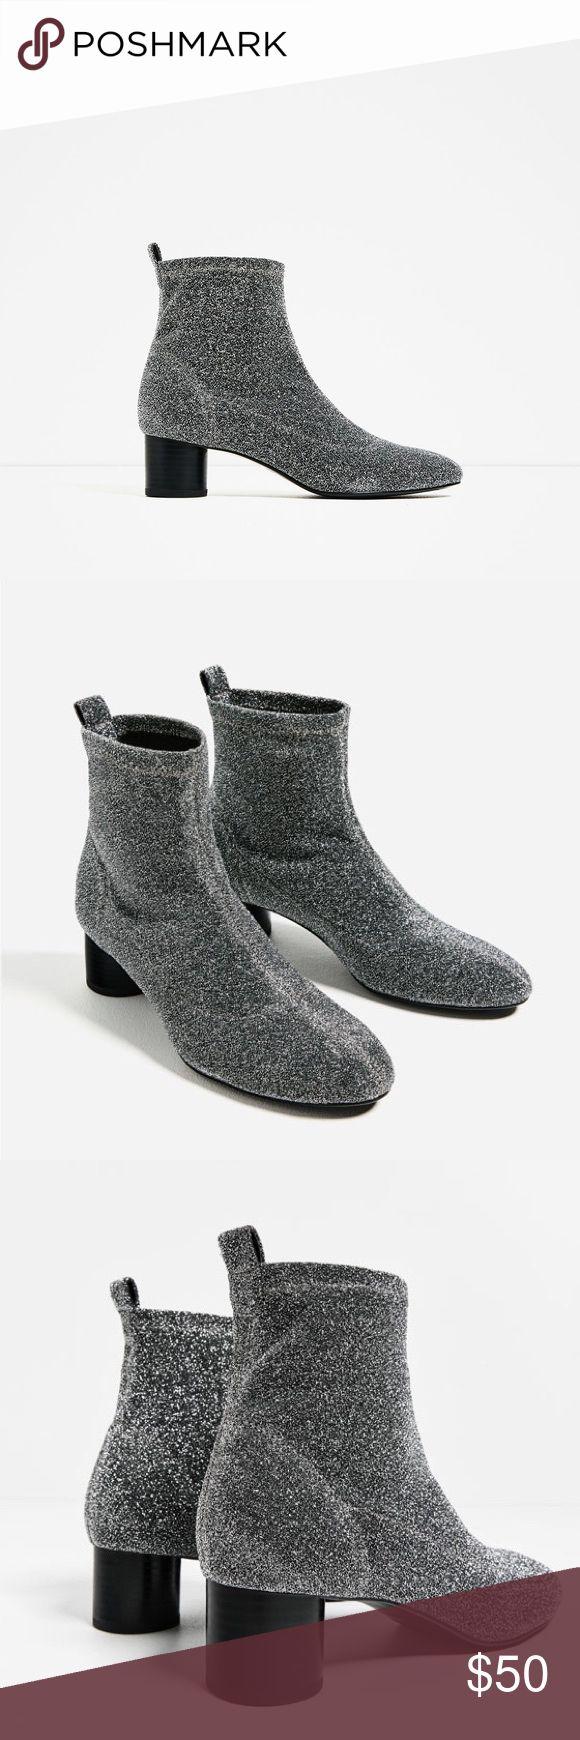 Zara Stretch shiny fabric high heel ankle boots Zara Stretch shiny fabric high heel ankle boots size 8. Zara size 39 Zara Shoes Ankle Boots & Booties